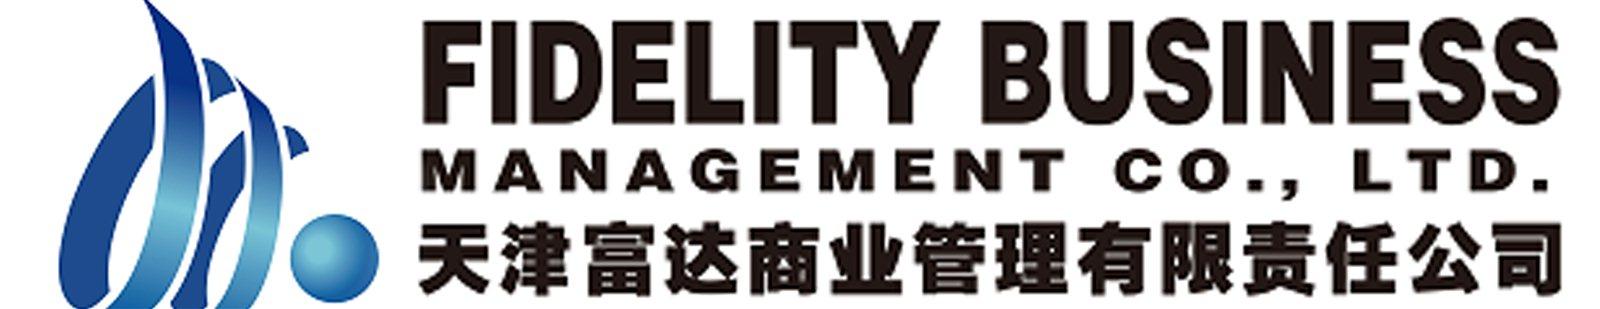 天津富达商业管理有限责任公司